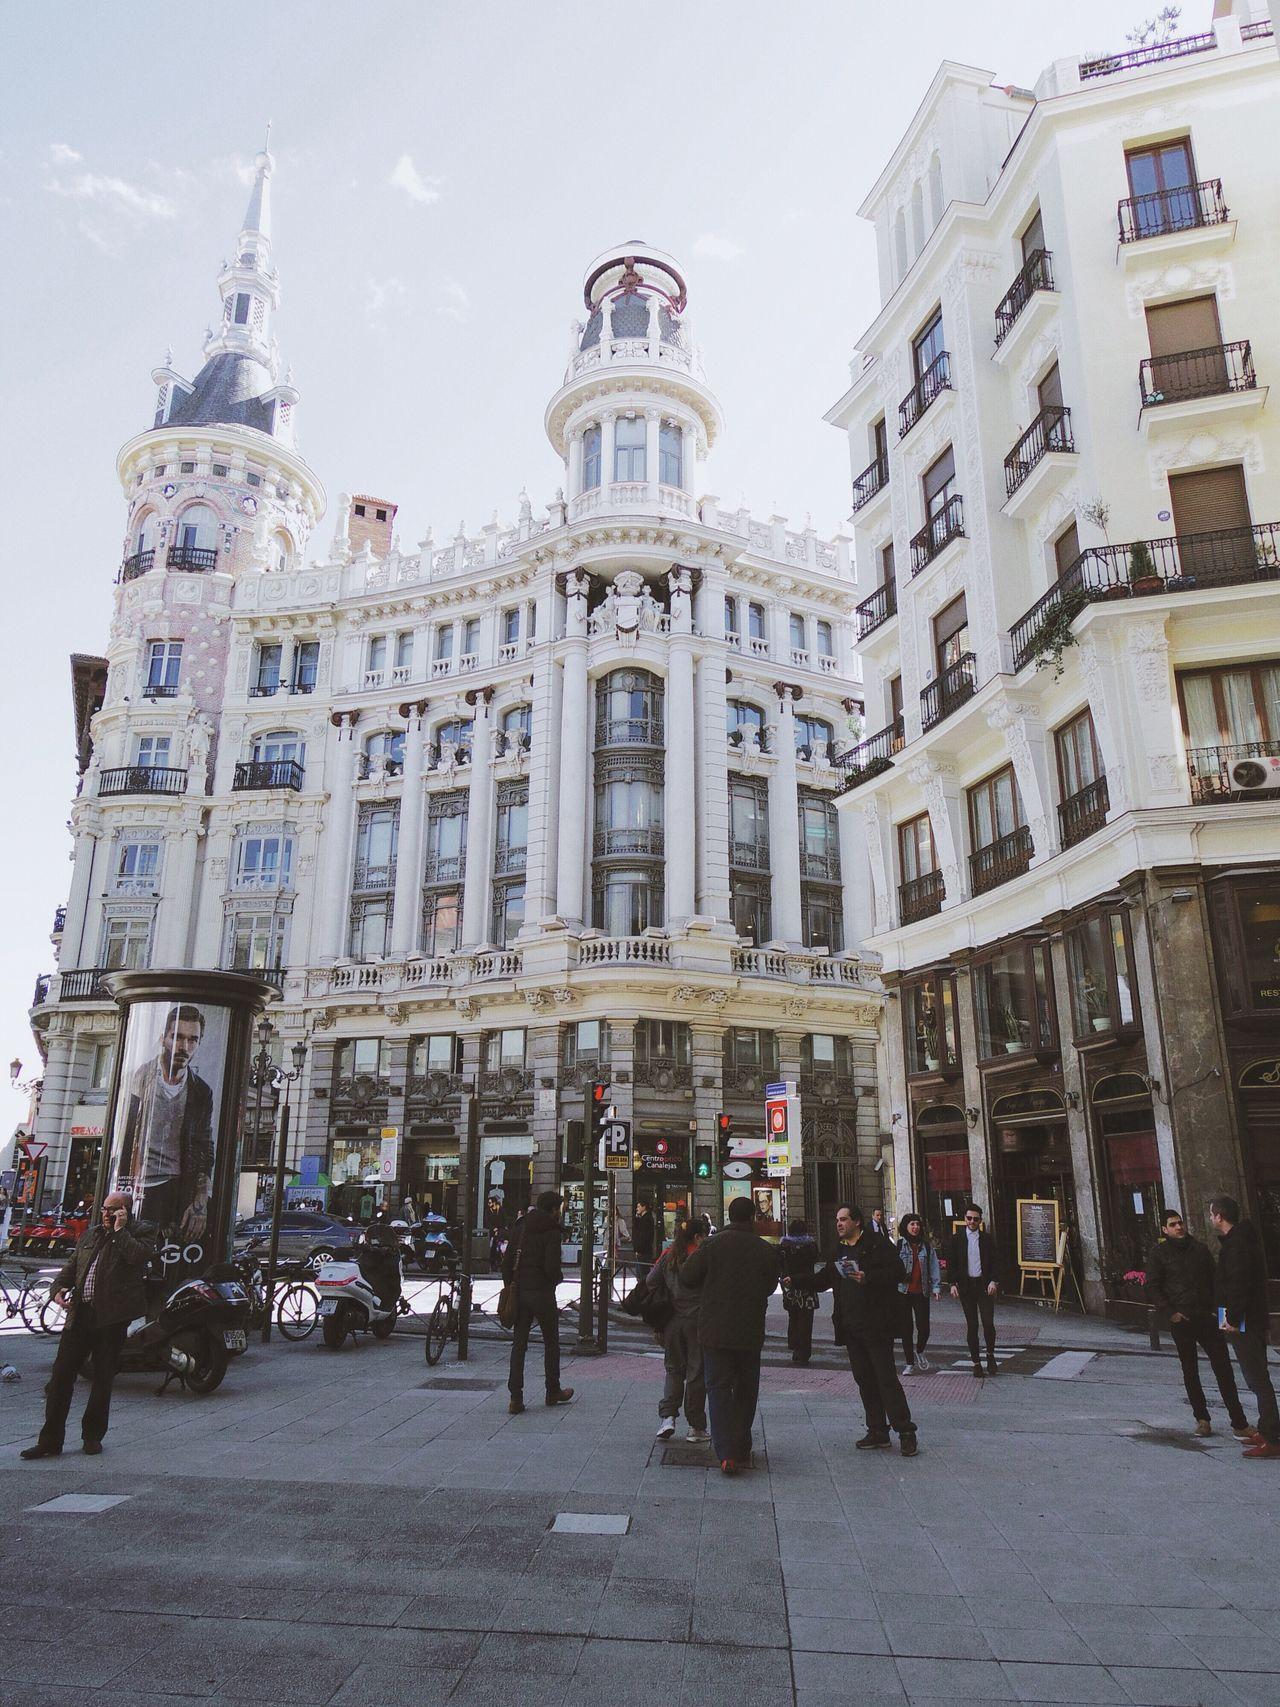 Madrid Arquitecture Arquitectura Building Edificios Fachadas Fachadas De Madrid